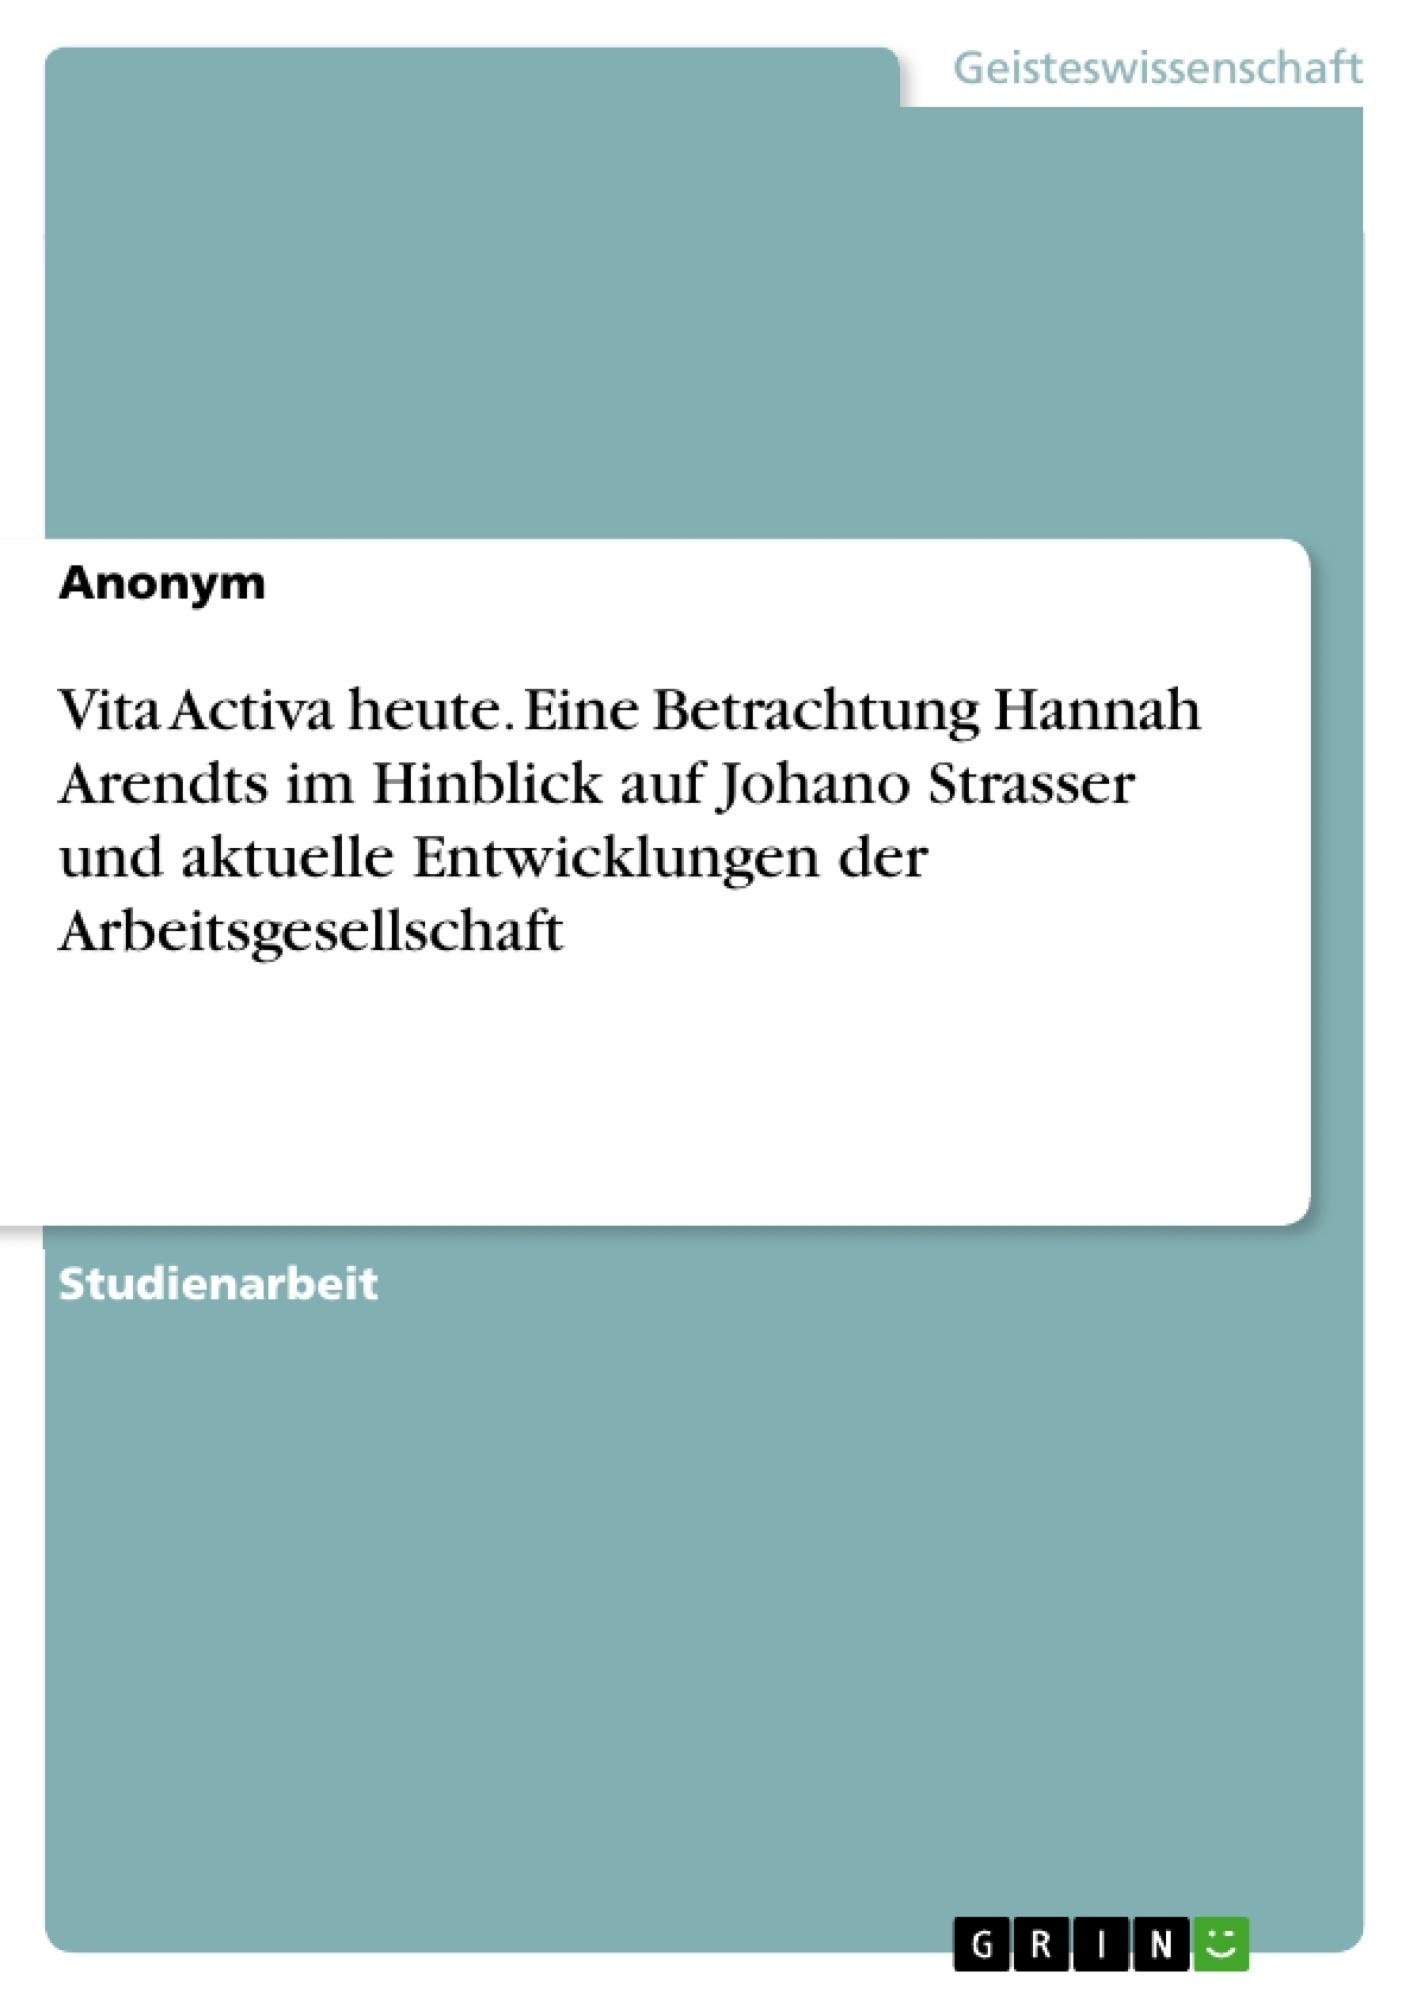 Titel: Vita Activa heute. Eine Betrachtung Hannah Arendts im Hinblick auf Johano Strasser und aktuelle Entwicklungen der Arbeitsgesellschaft